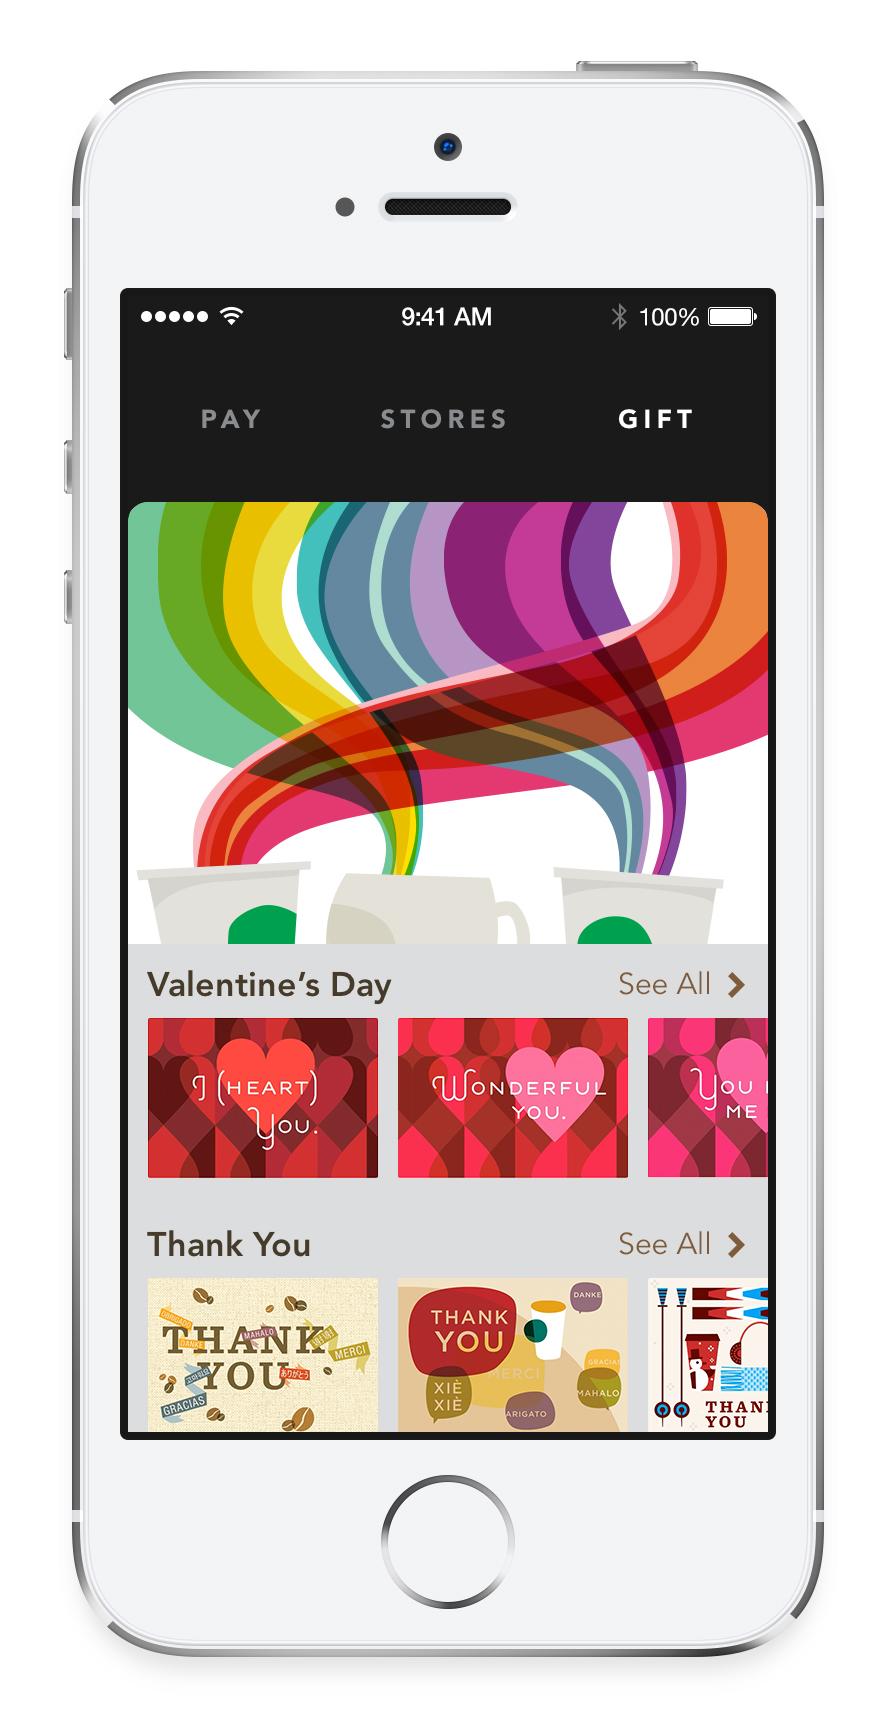 Starbucks (iPhone screenshot, Gift)